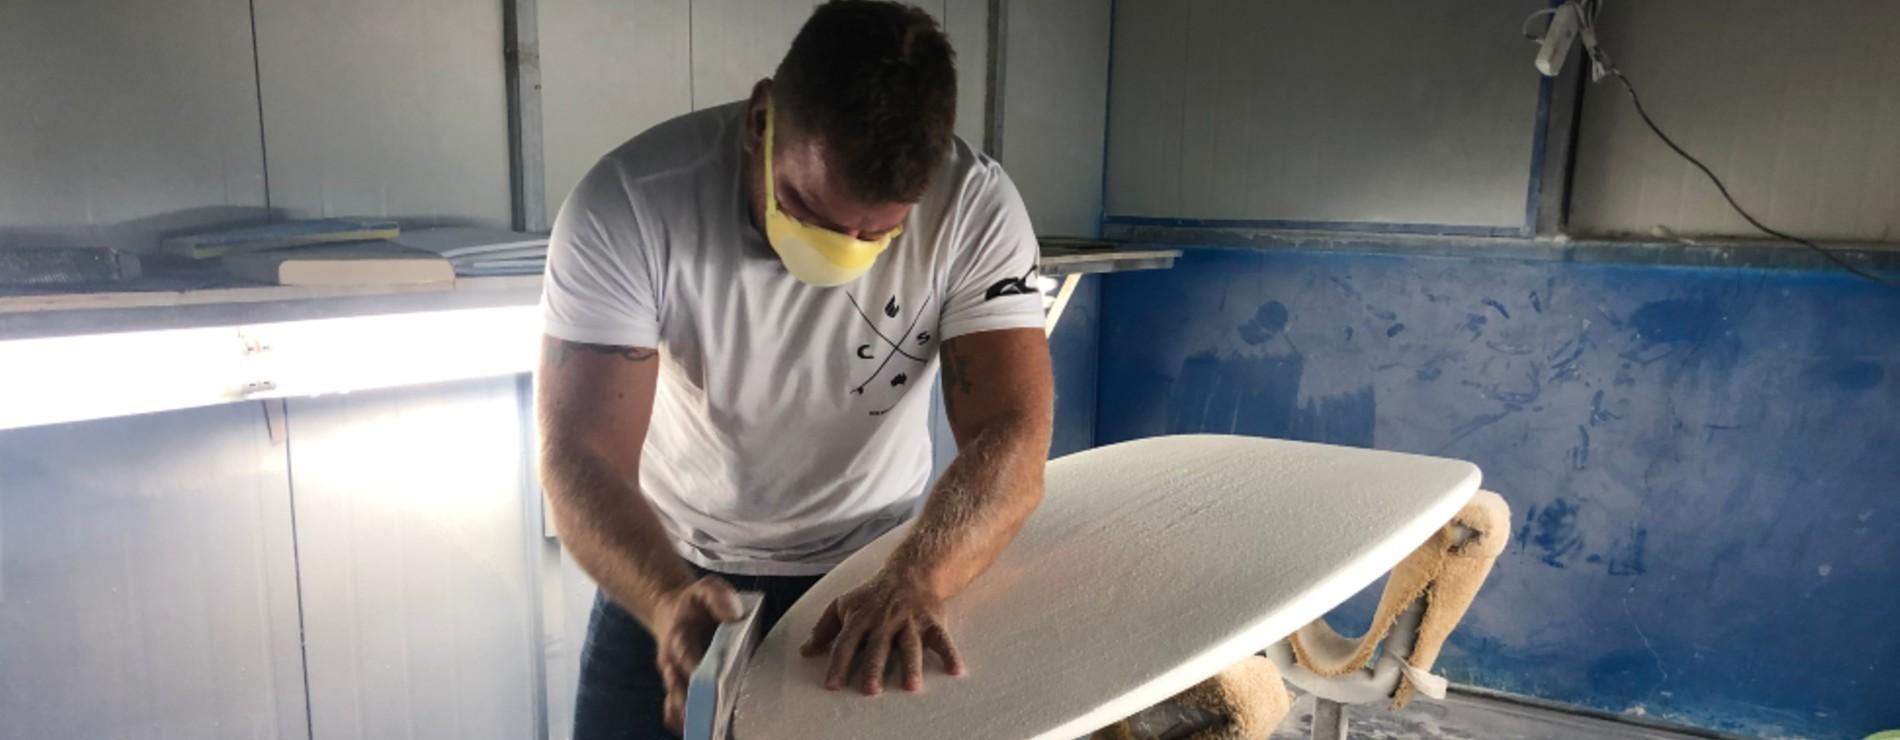 Ryan Briggs working on surfboard